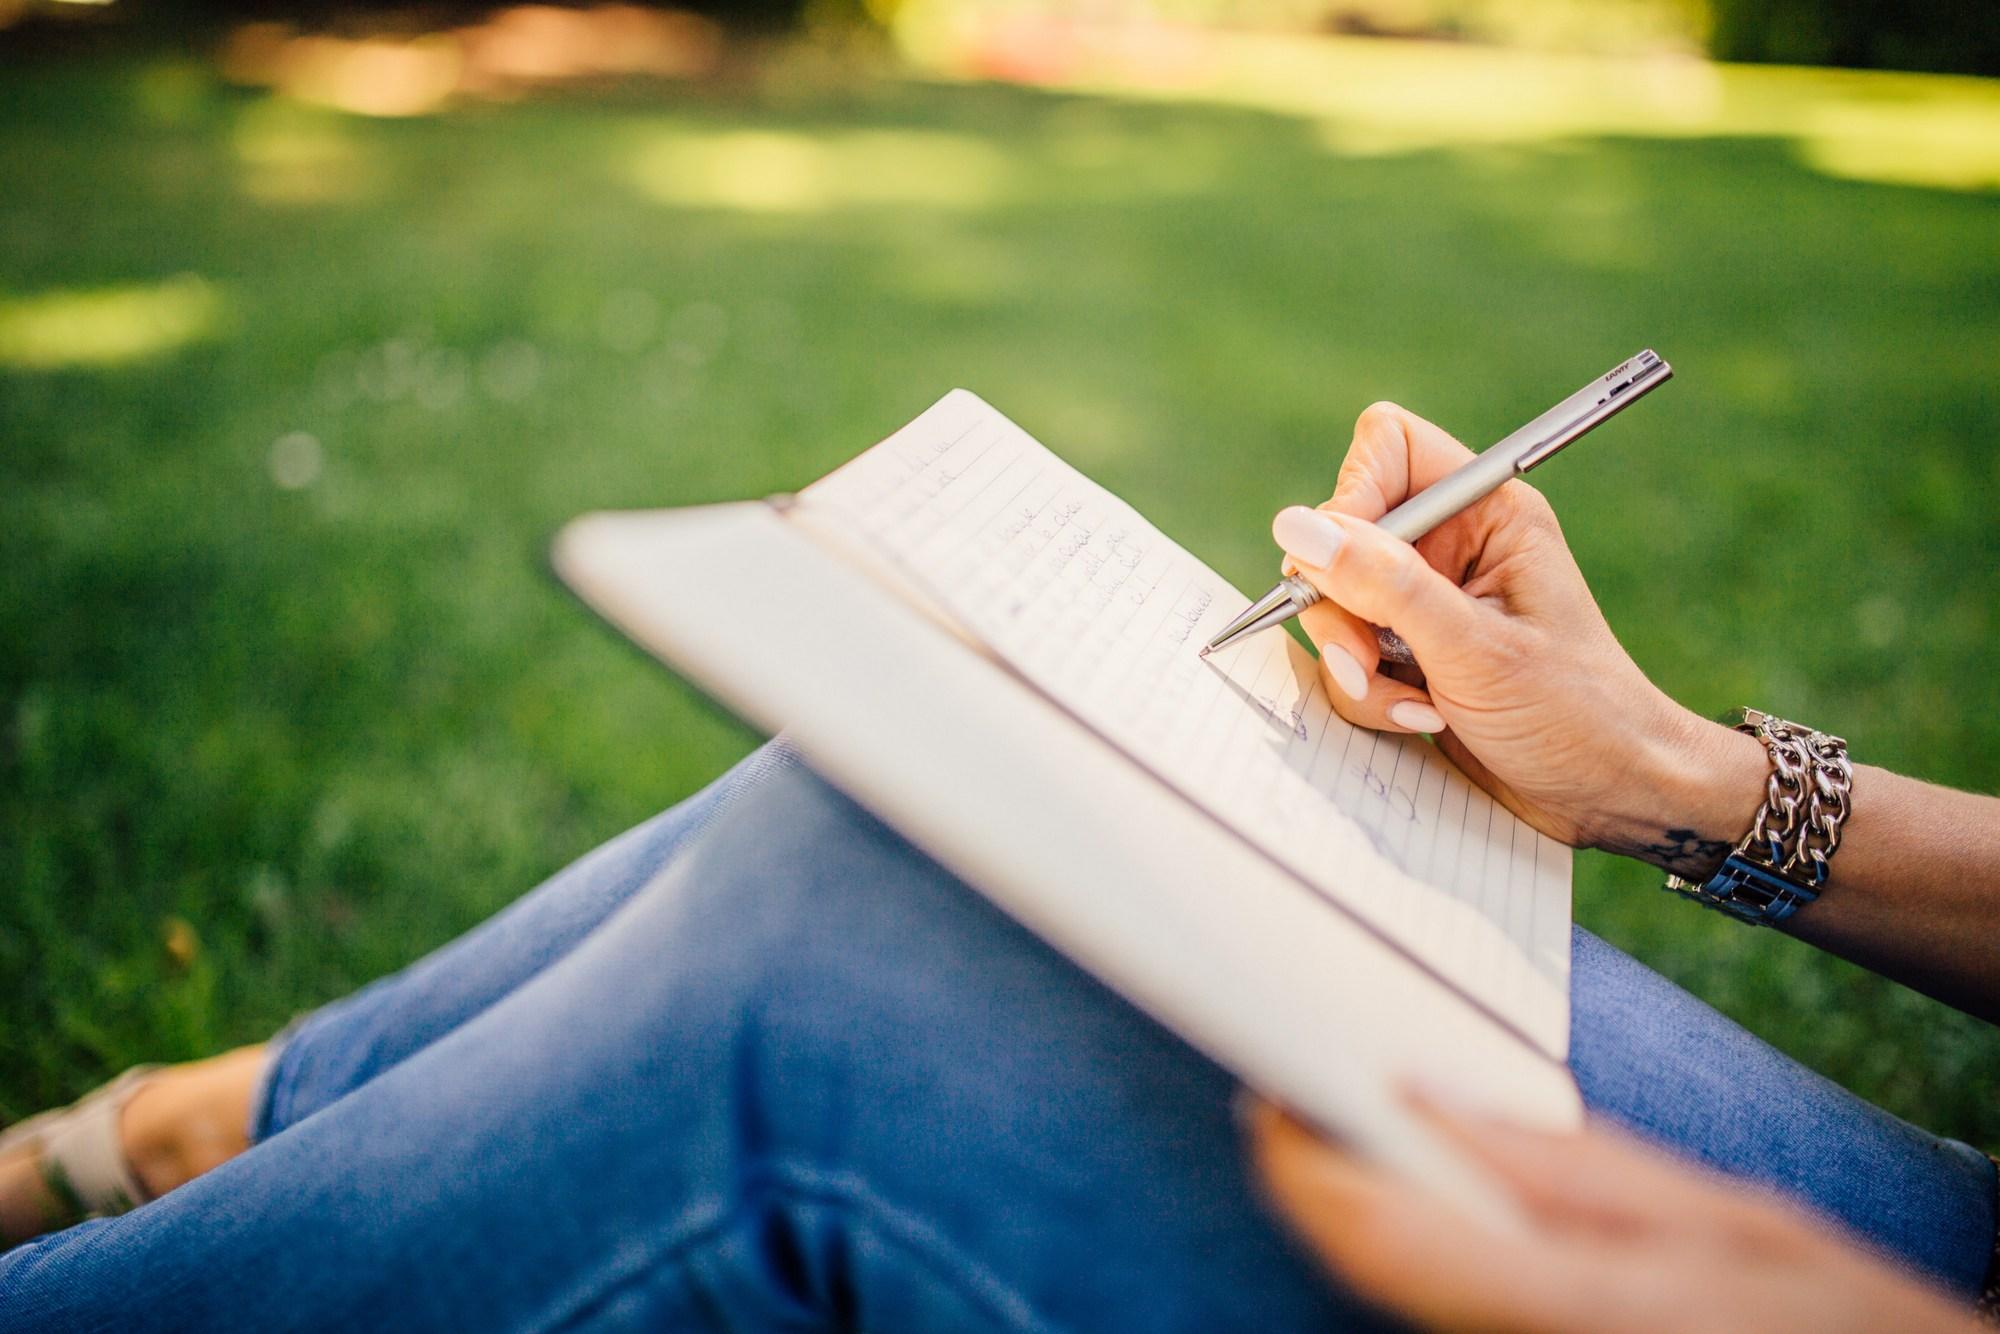 Kabinet gaat mensen helpen die niet goed kunnen lezen en schrijven